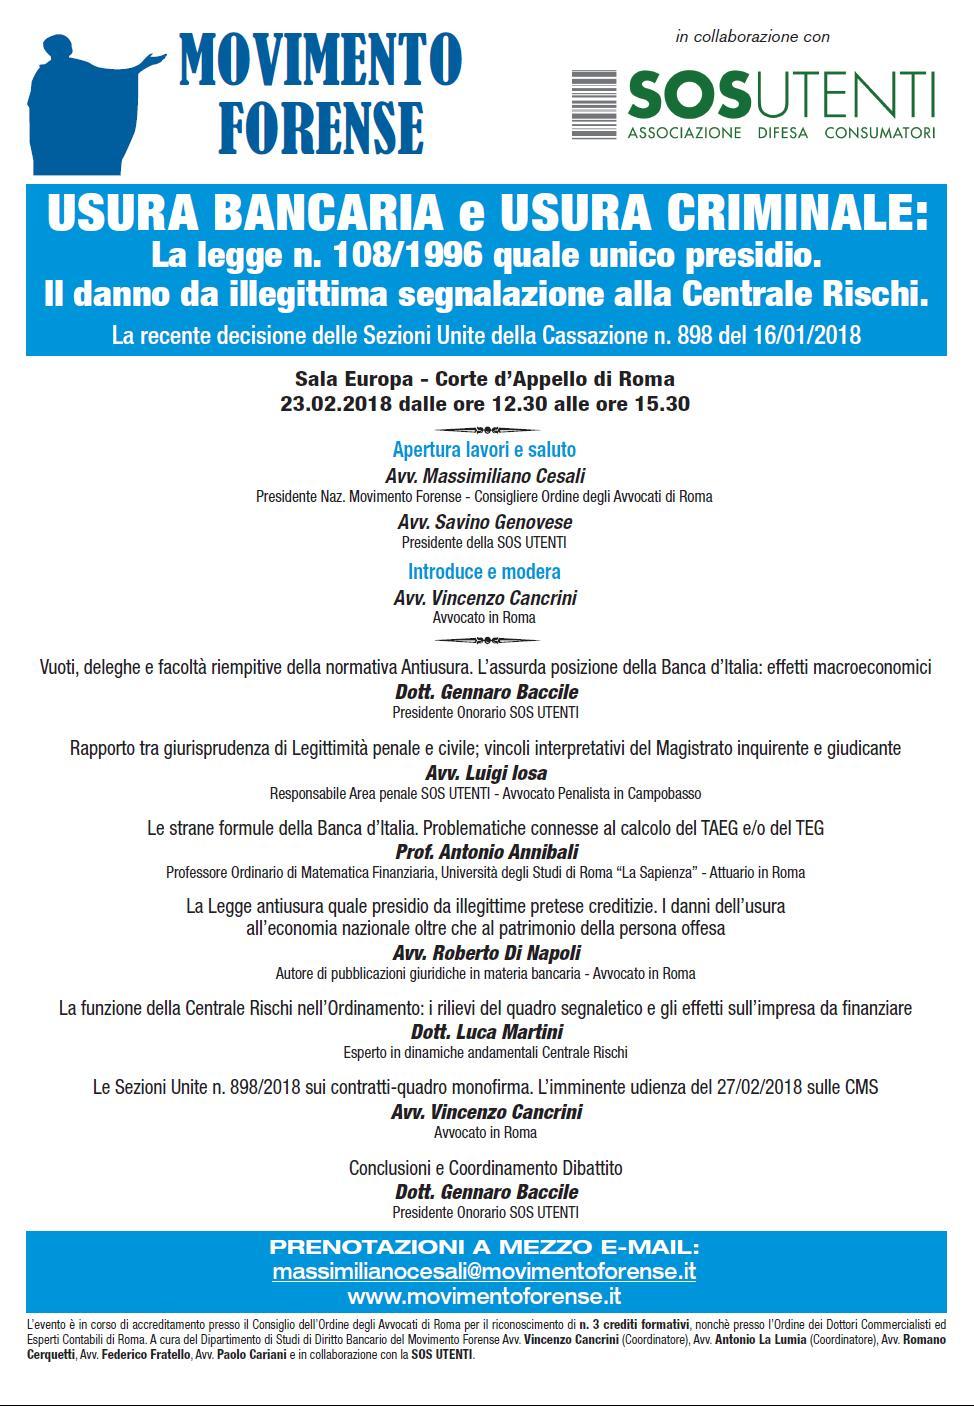 locandina convegno Roma 23 febbraio 2018